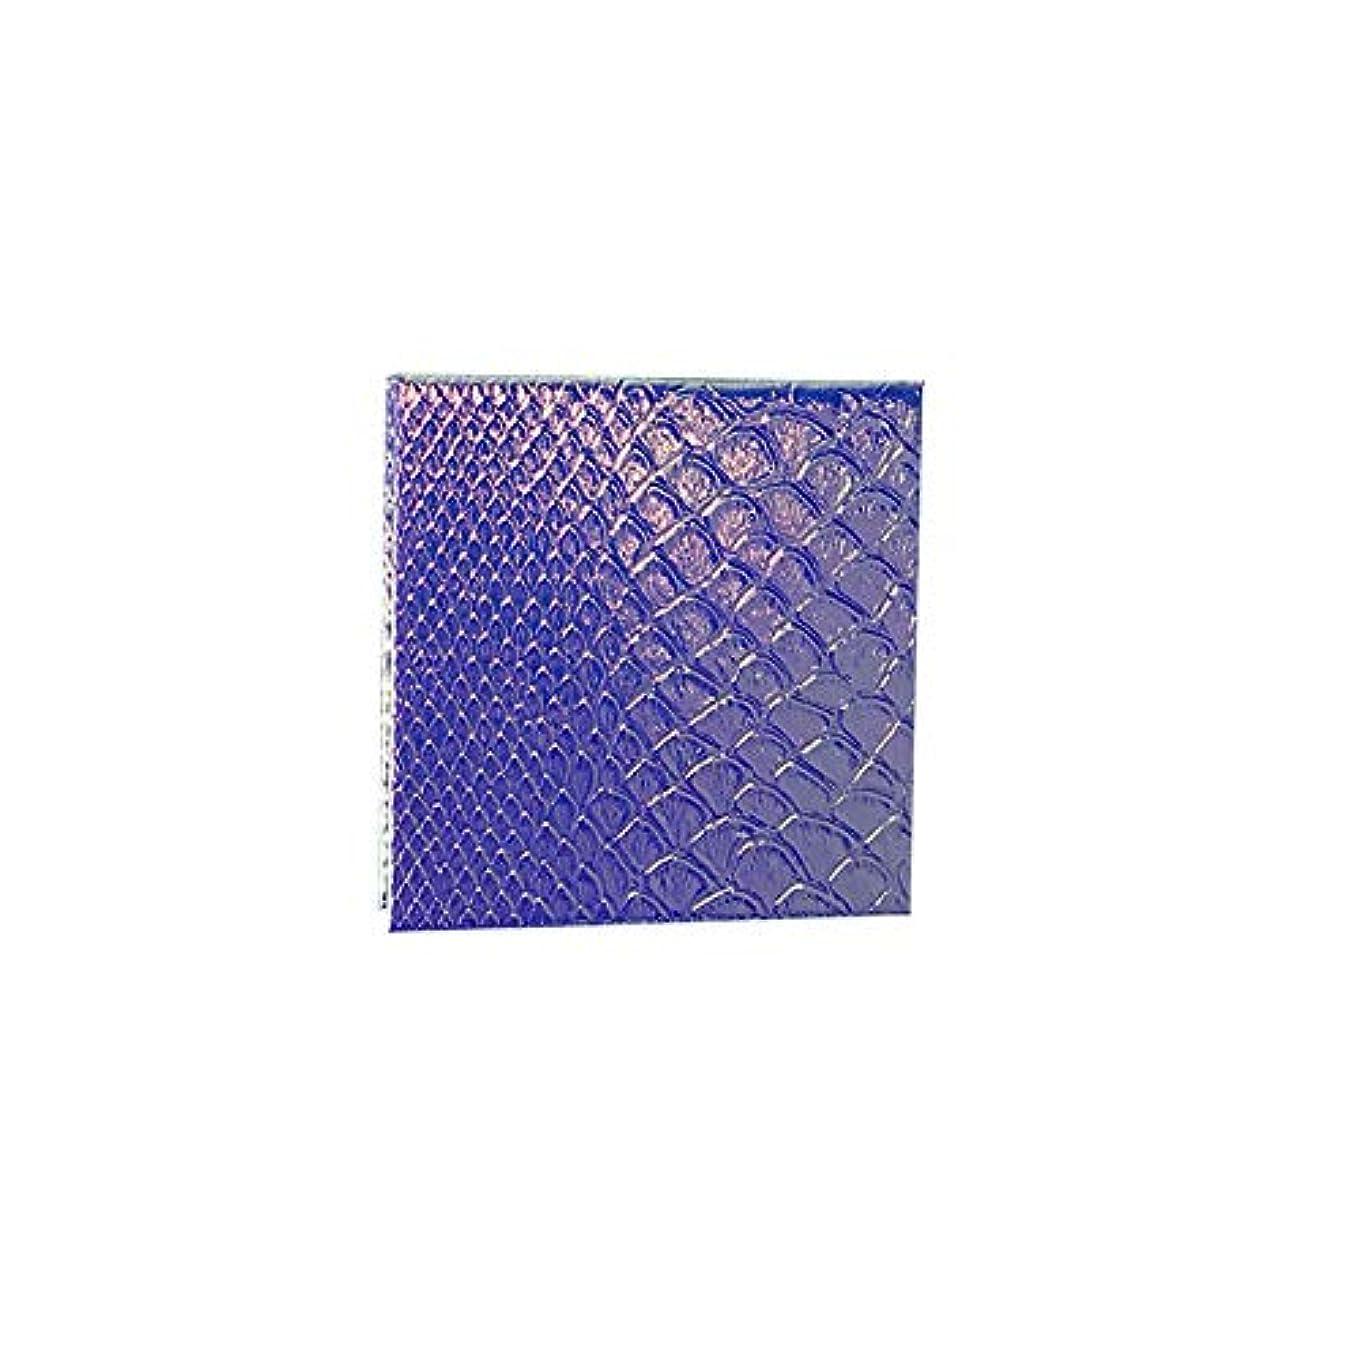 スタイル毎年十分です空の化粧アイシャドーパレット磁気空パレット接着剤空のパレット金属ステッカー空のパレットキット(S)